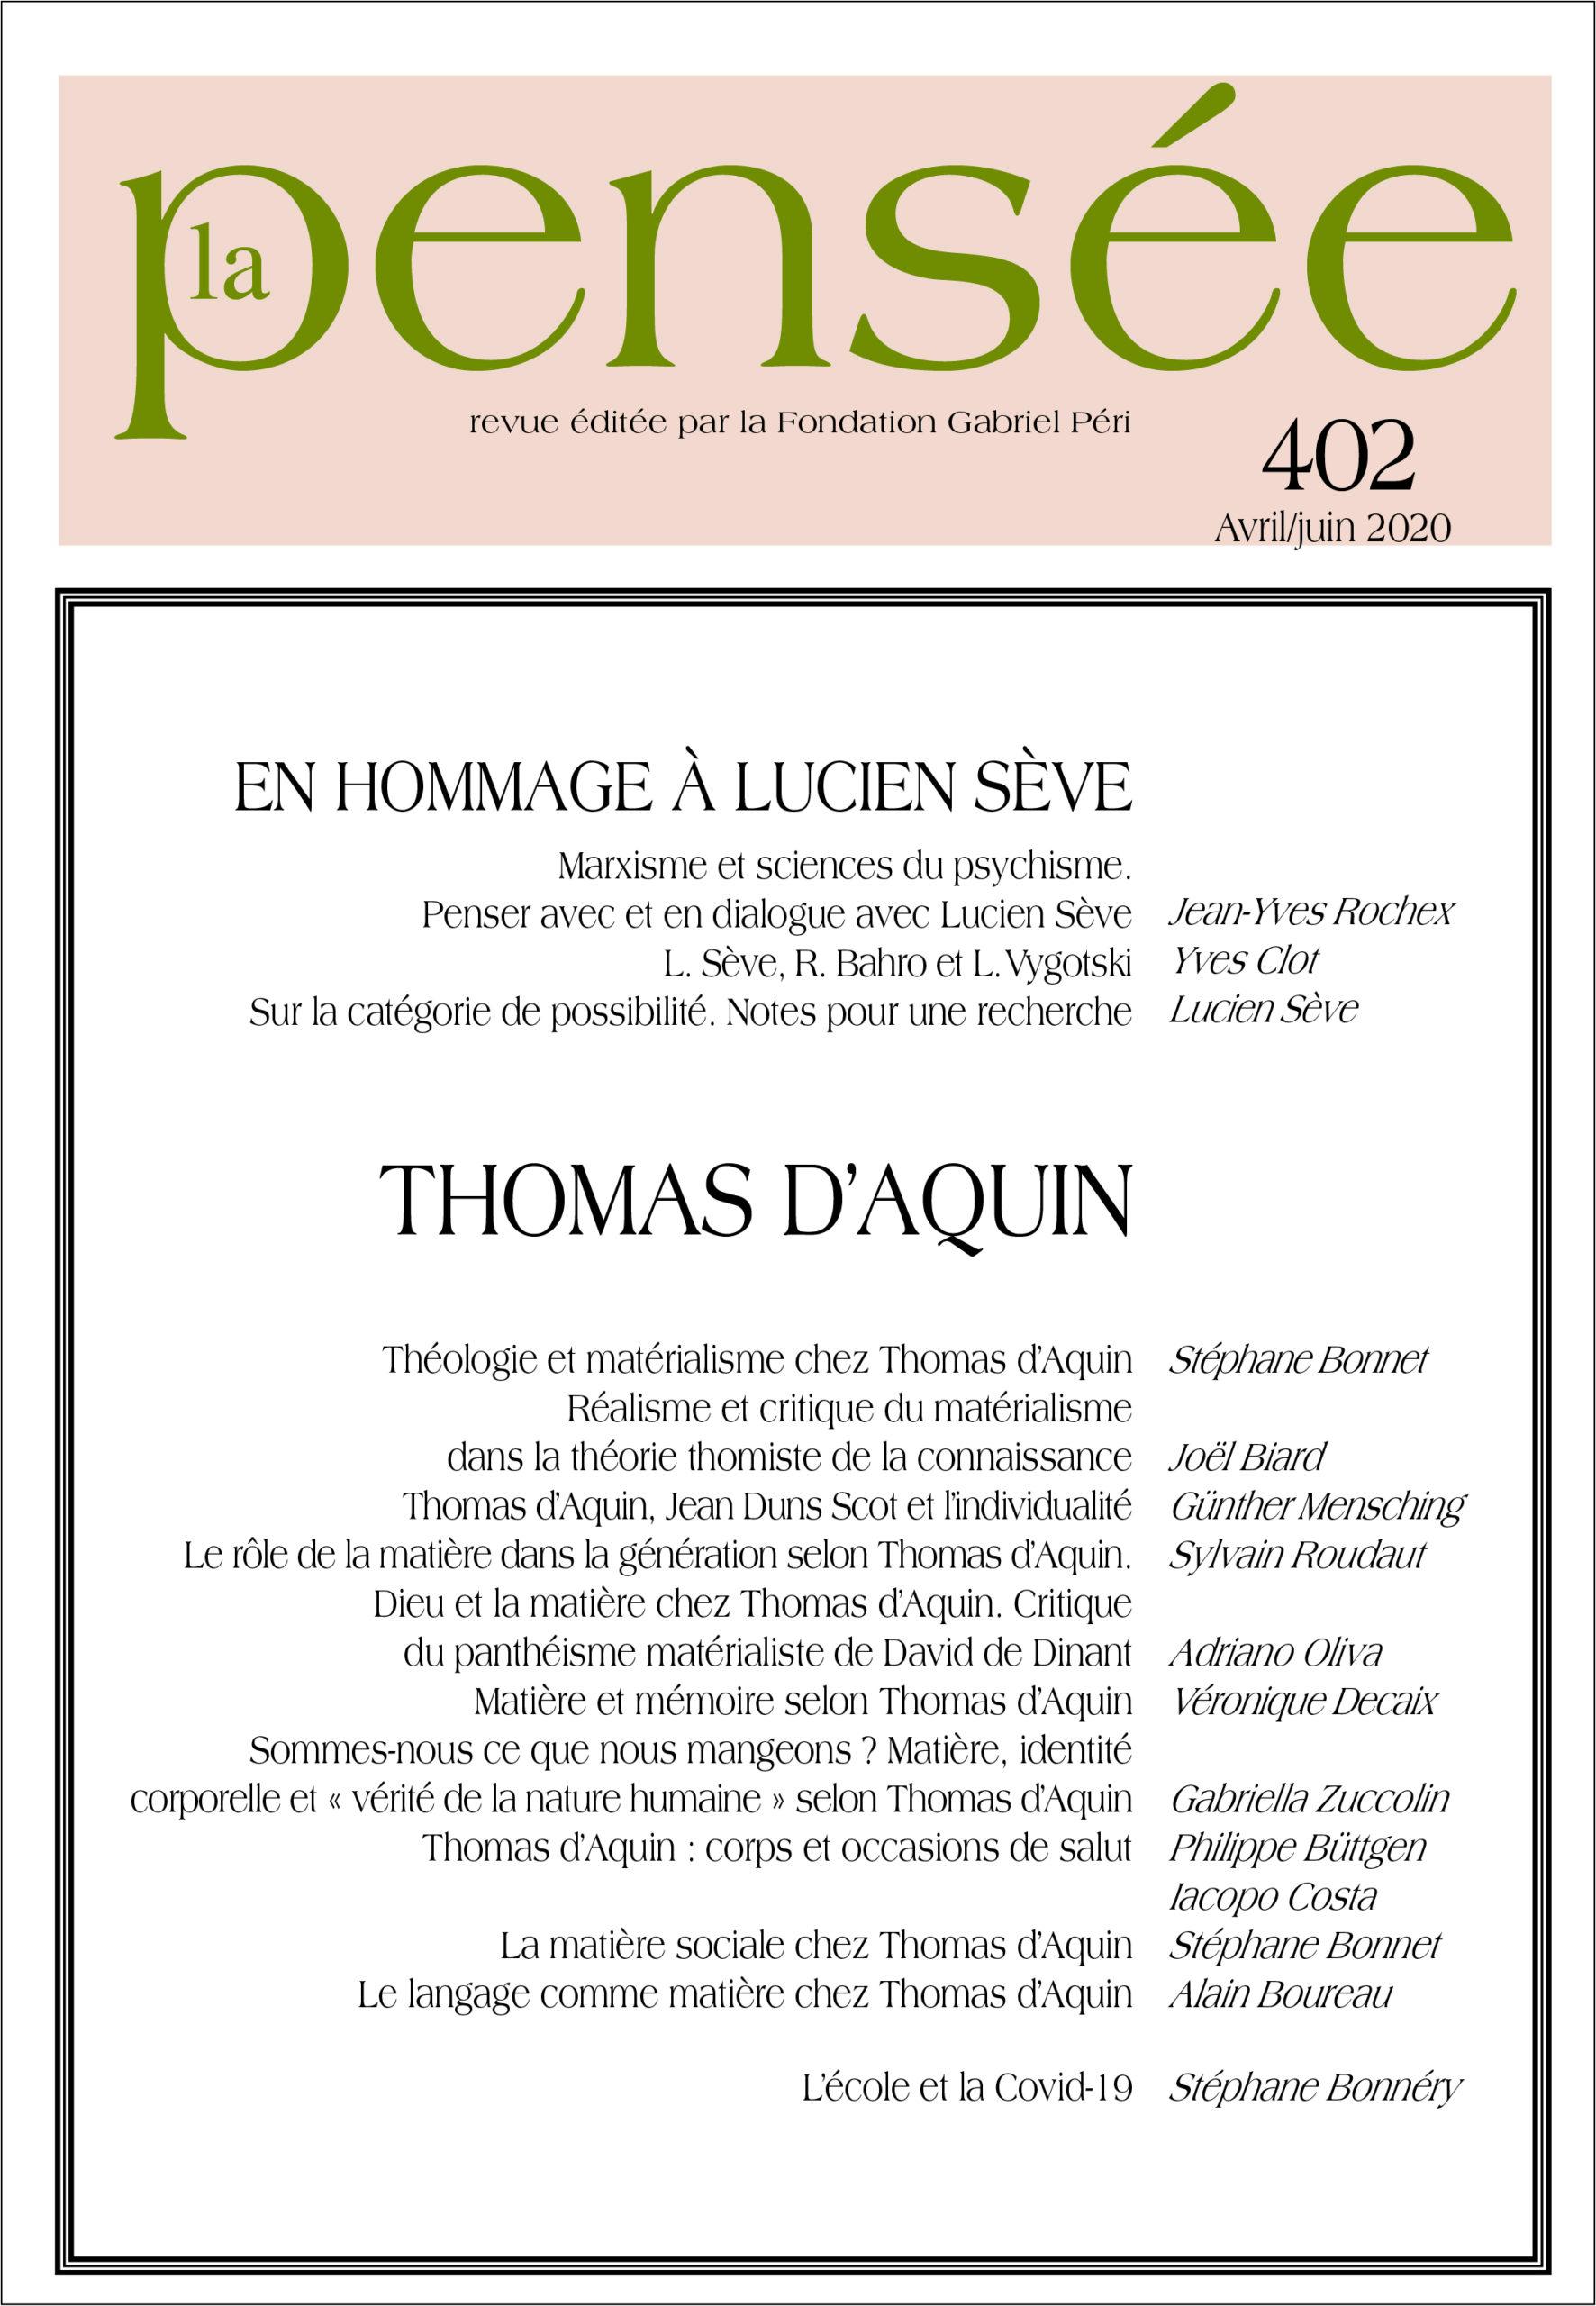 La Pensée n° 402 – Thomas d'Aquin